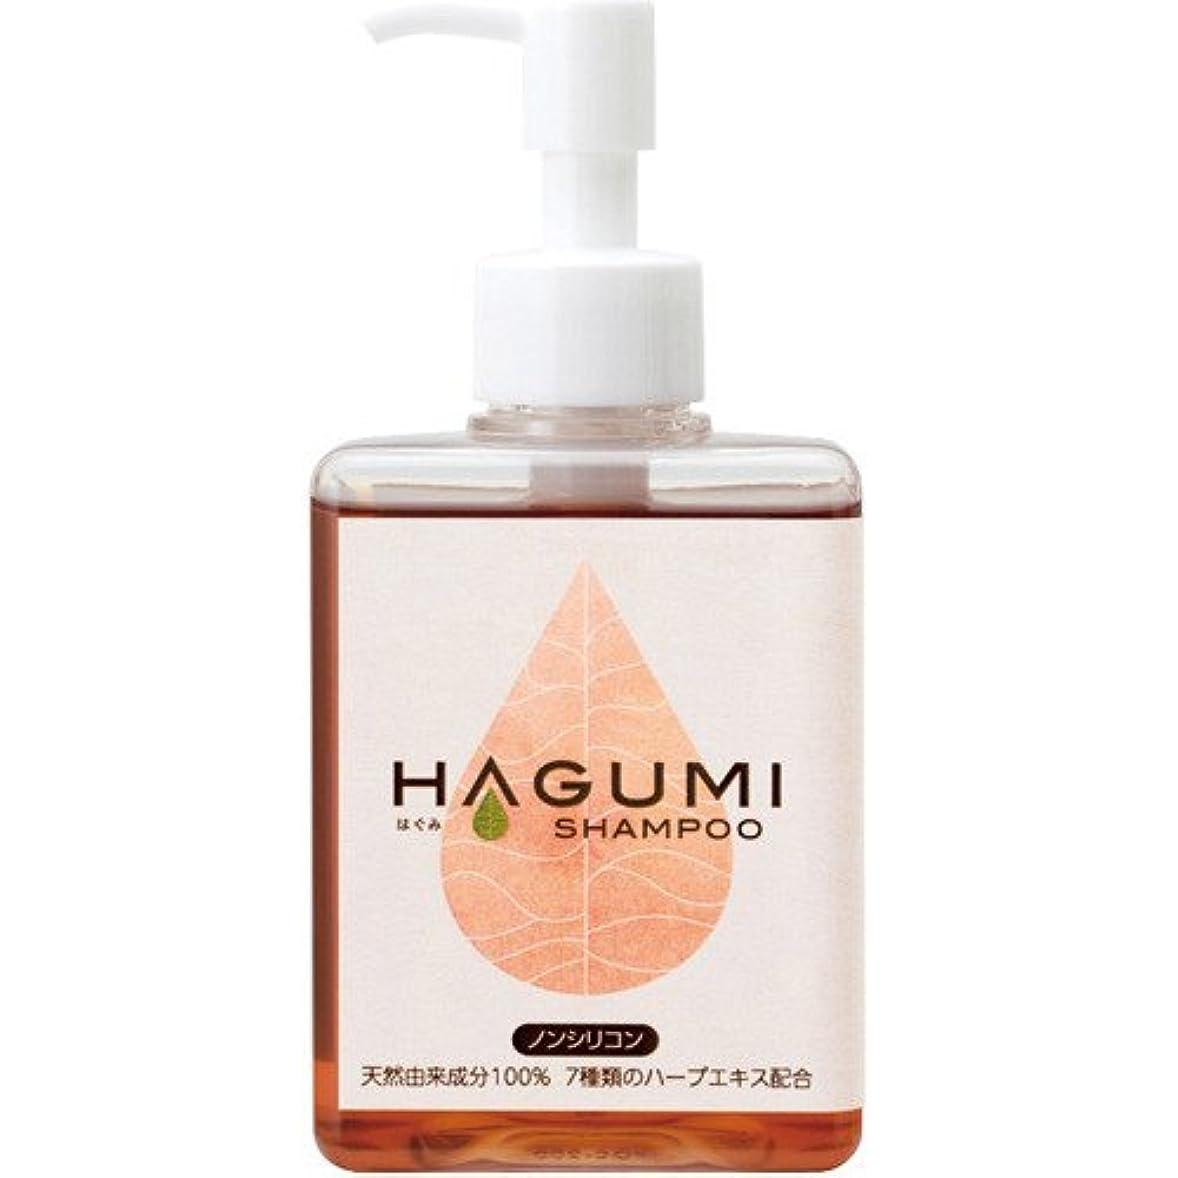 衣装爆発差別化するHAGUMI(ハグミ) シャンプー 200ml